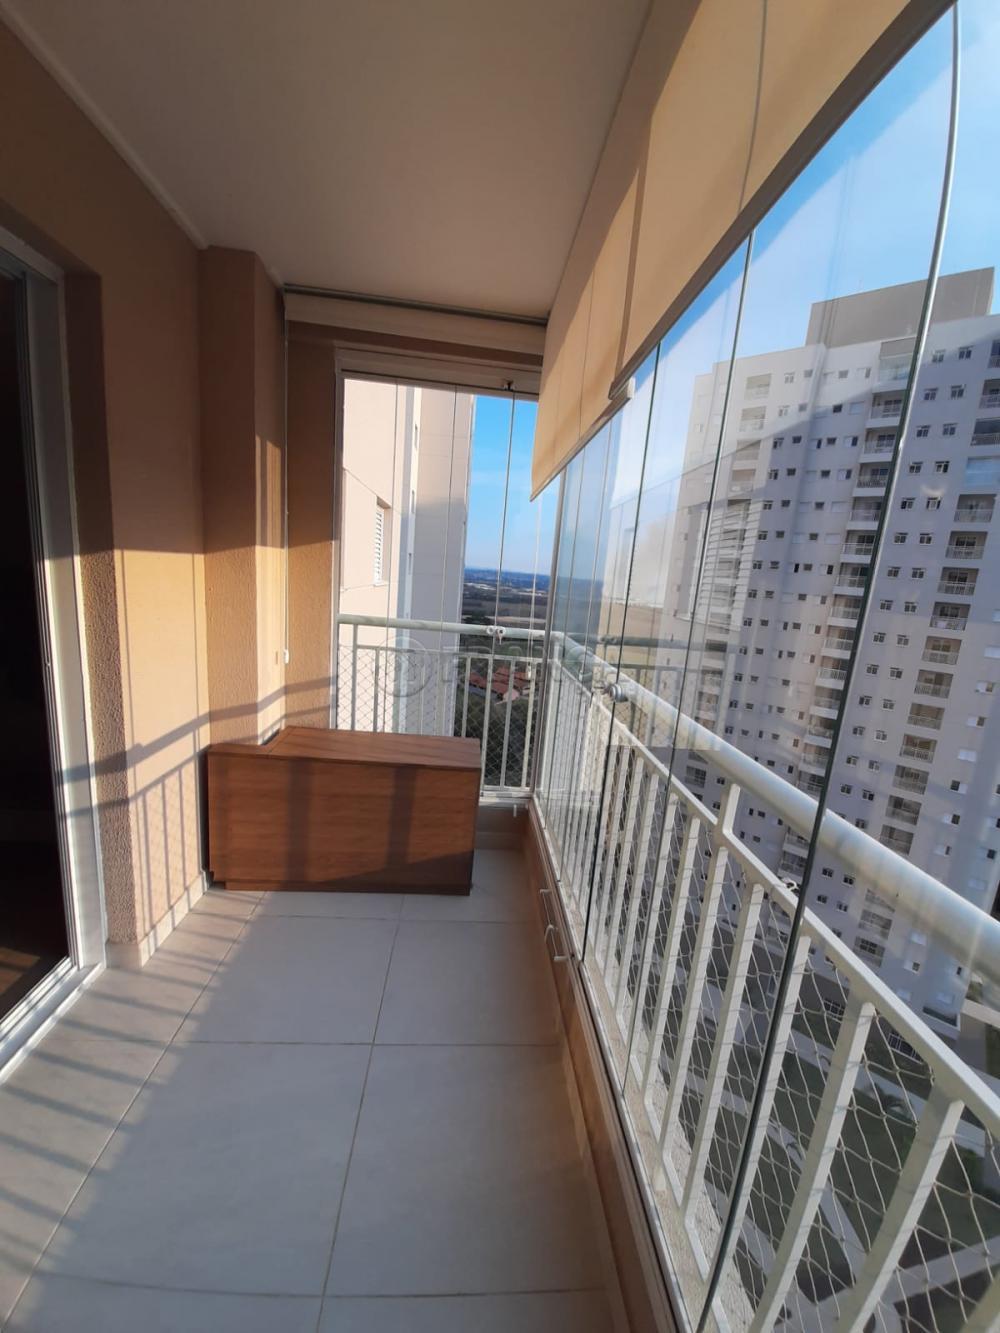 Comprar Apartamento / Padrão em Jacareí R$ 595.000,00 - Foto 1